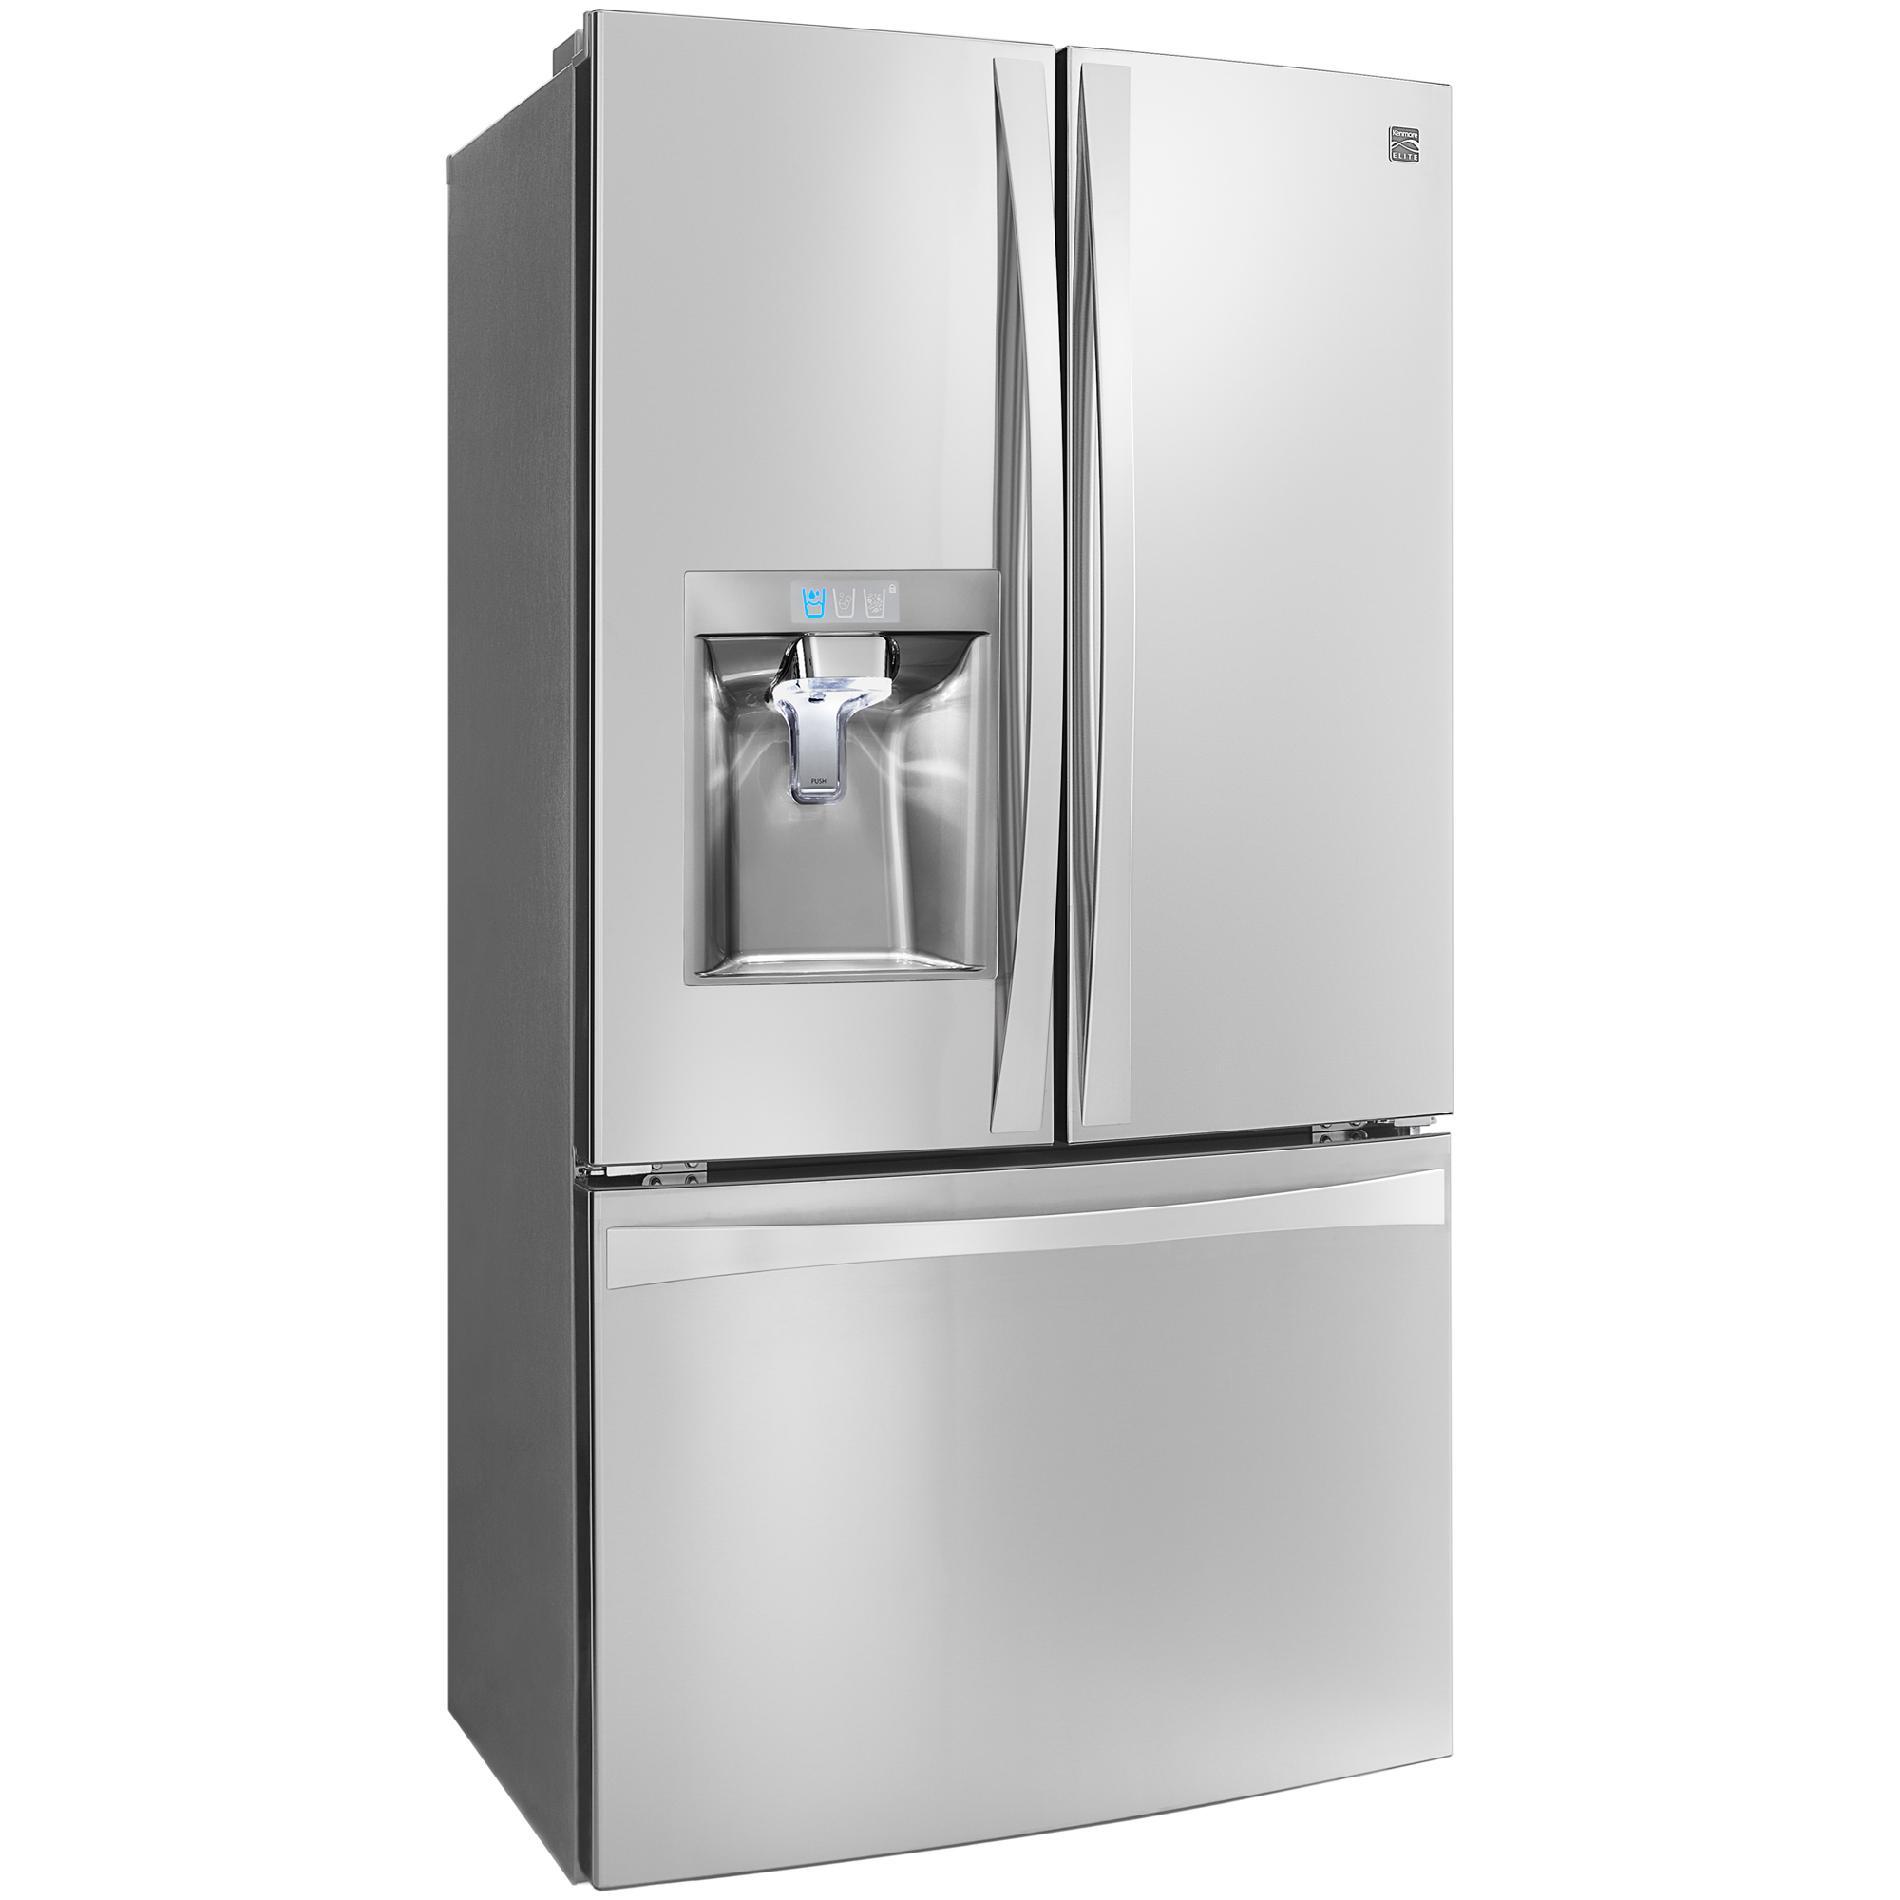 Kenmore Elite 74043 23.7 cu. ft. French Door Bottom-Freezer Refrigerator—Stainless Steel